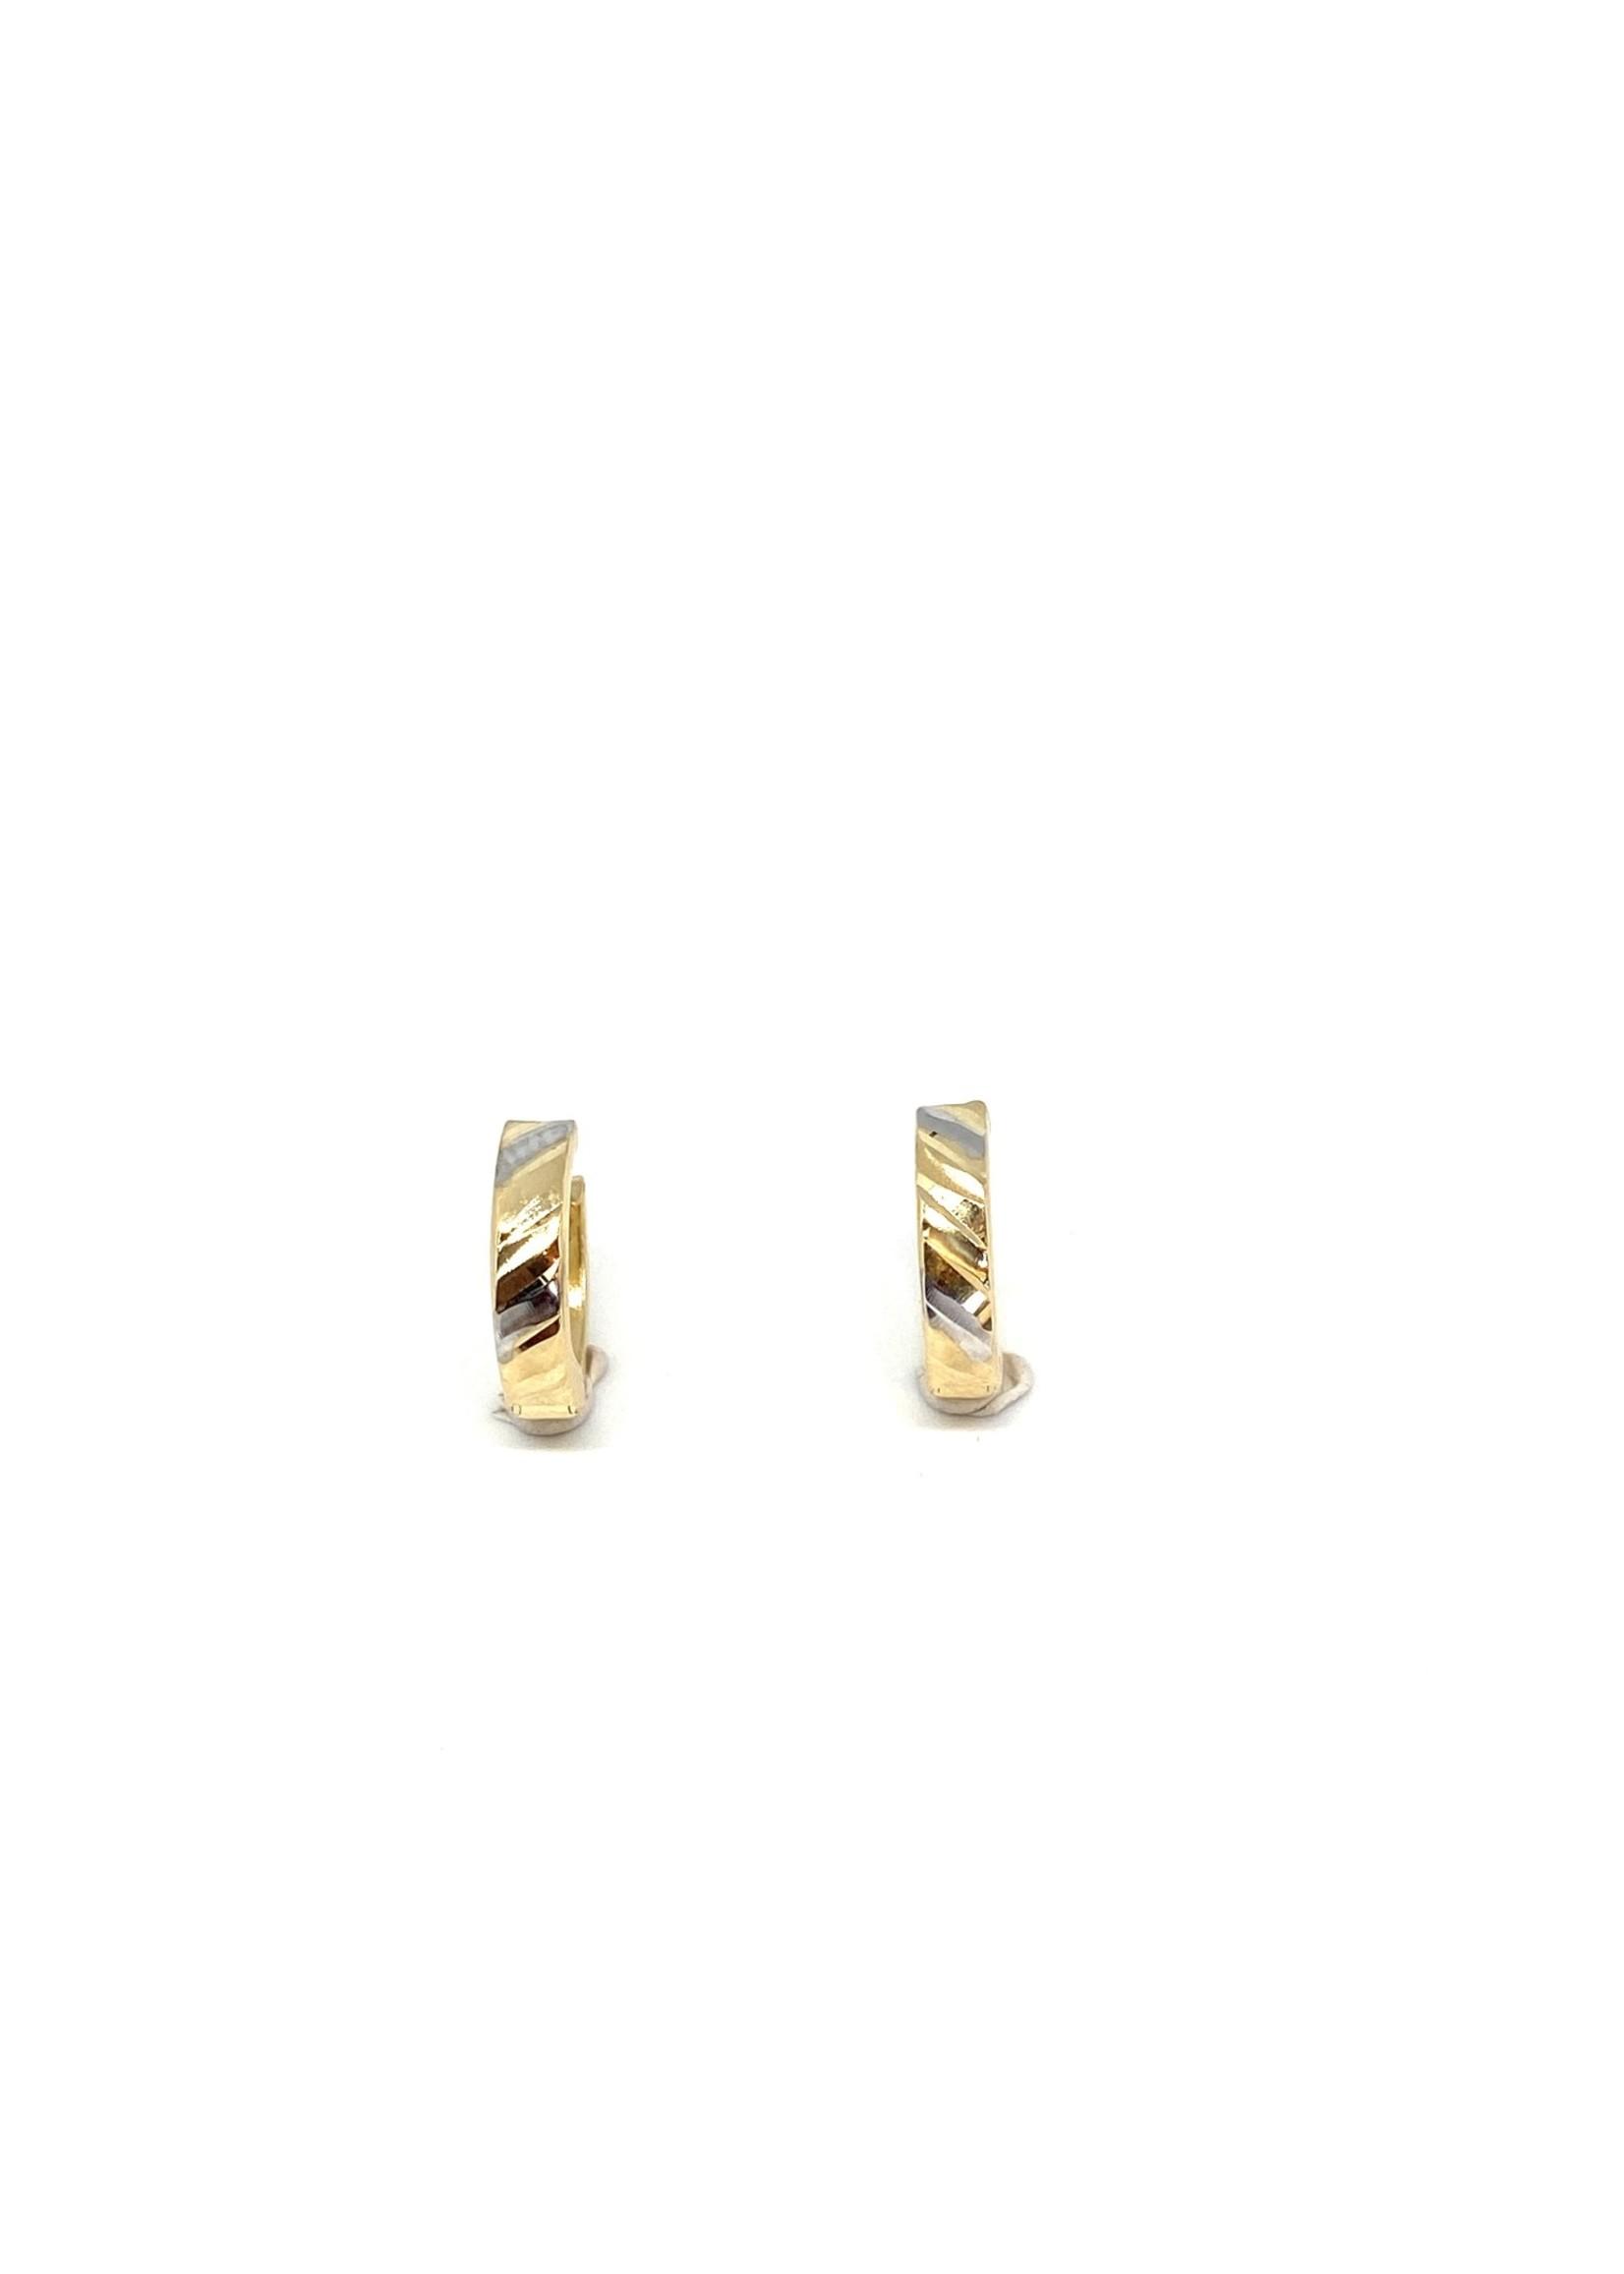 PARÉ Boucles d'oreilles Huggies « Diamond Cut » Or 10K 2 tons